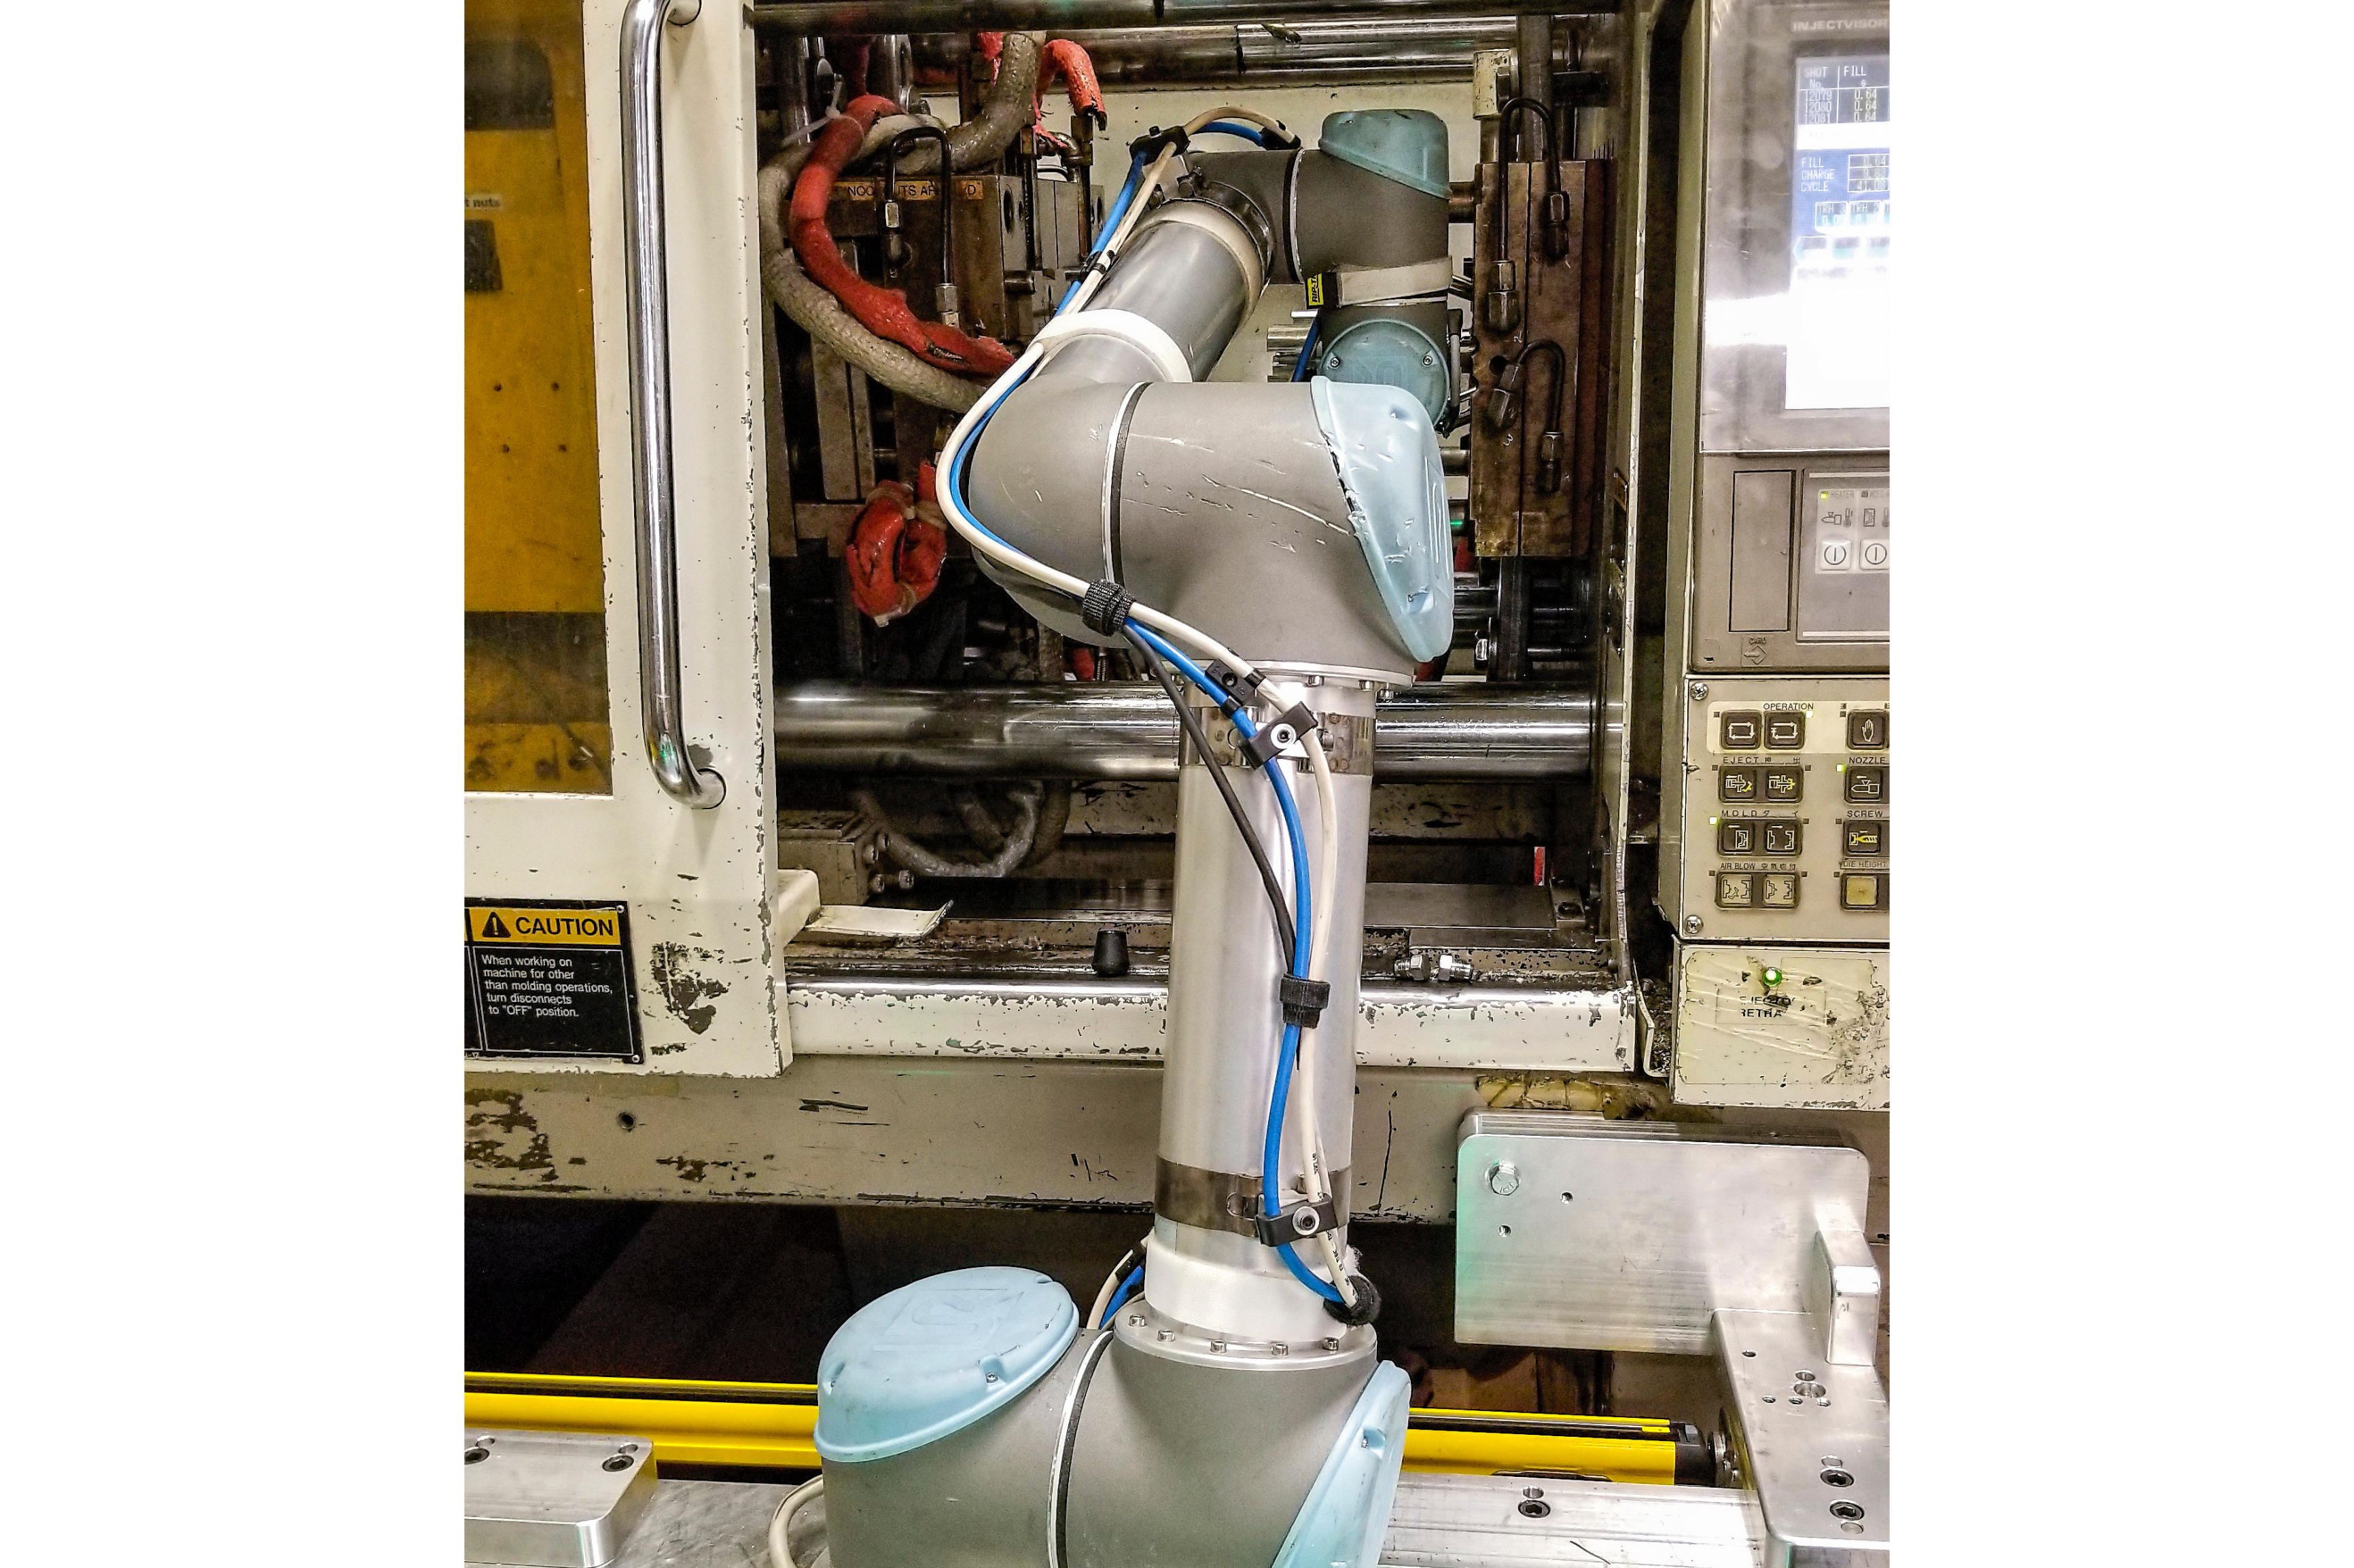 El cobot UR5 coloca dos insertos pequeños en el molde, luego extrae las piezas terminadas y el canal frío.